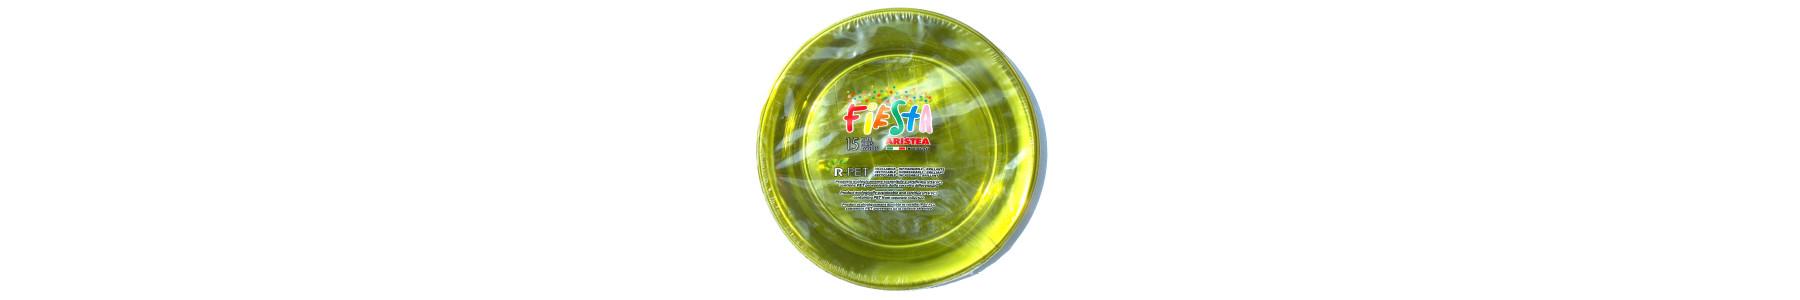 Articole plastic PET ARISTEA galbena